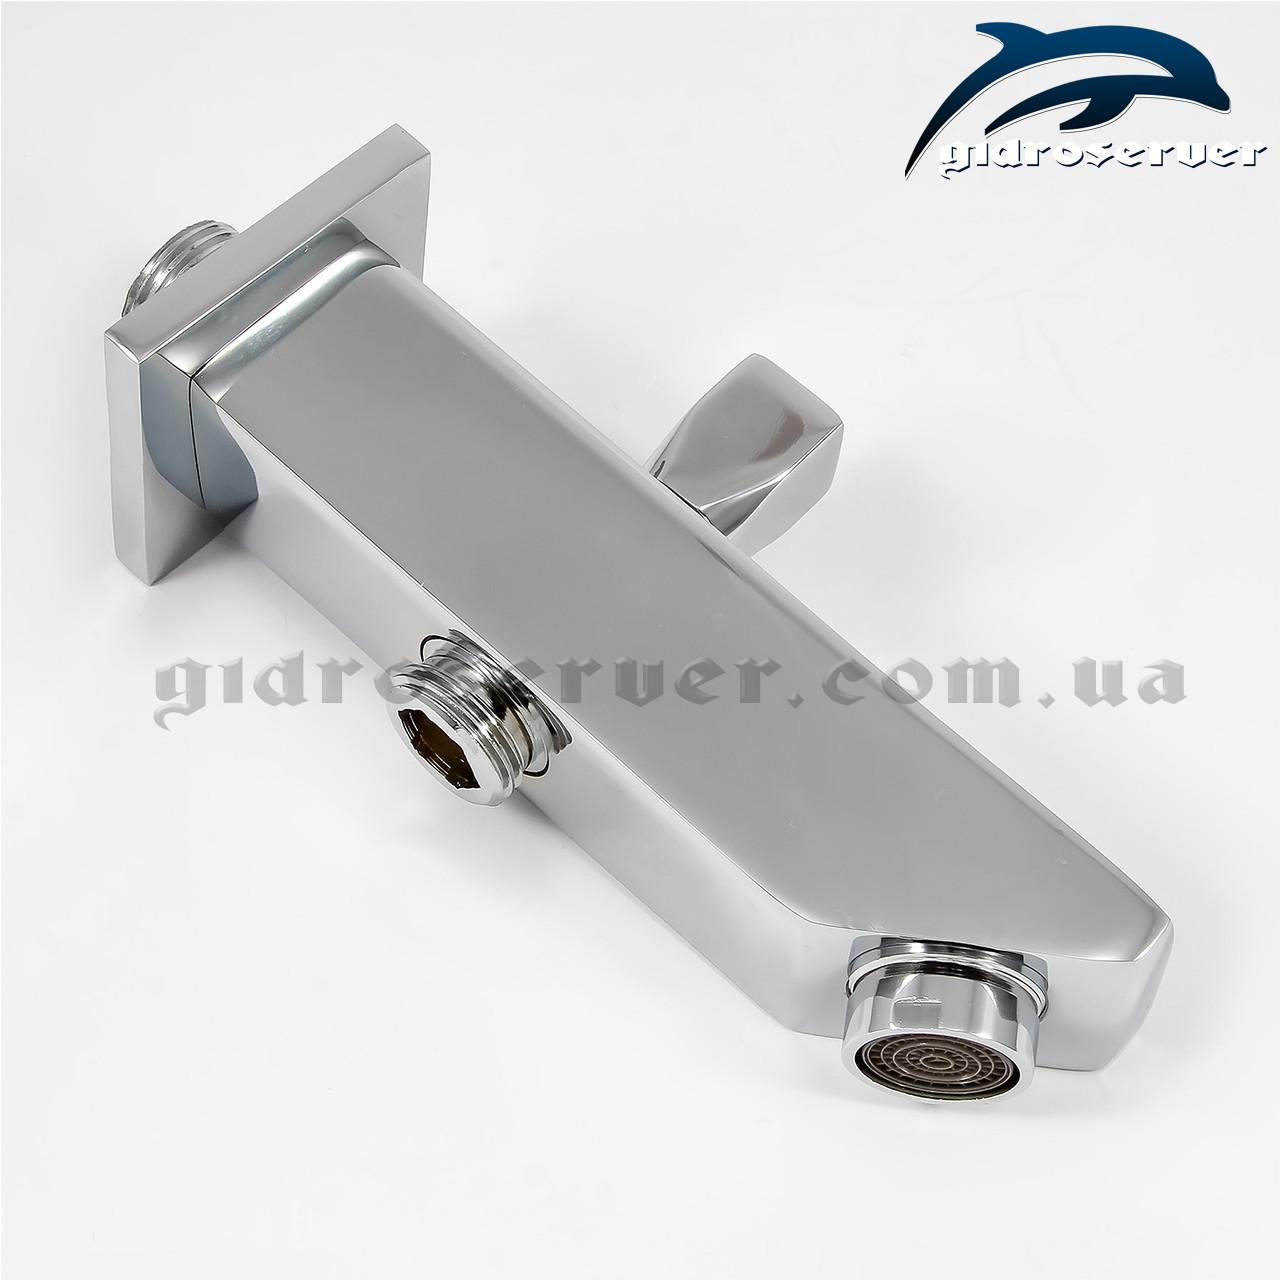 Излив (гусак) для душевой системы, душевого гарнитура скрытого монтажа IL-06.